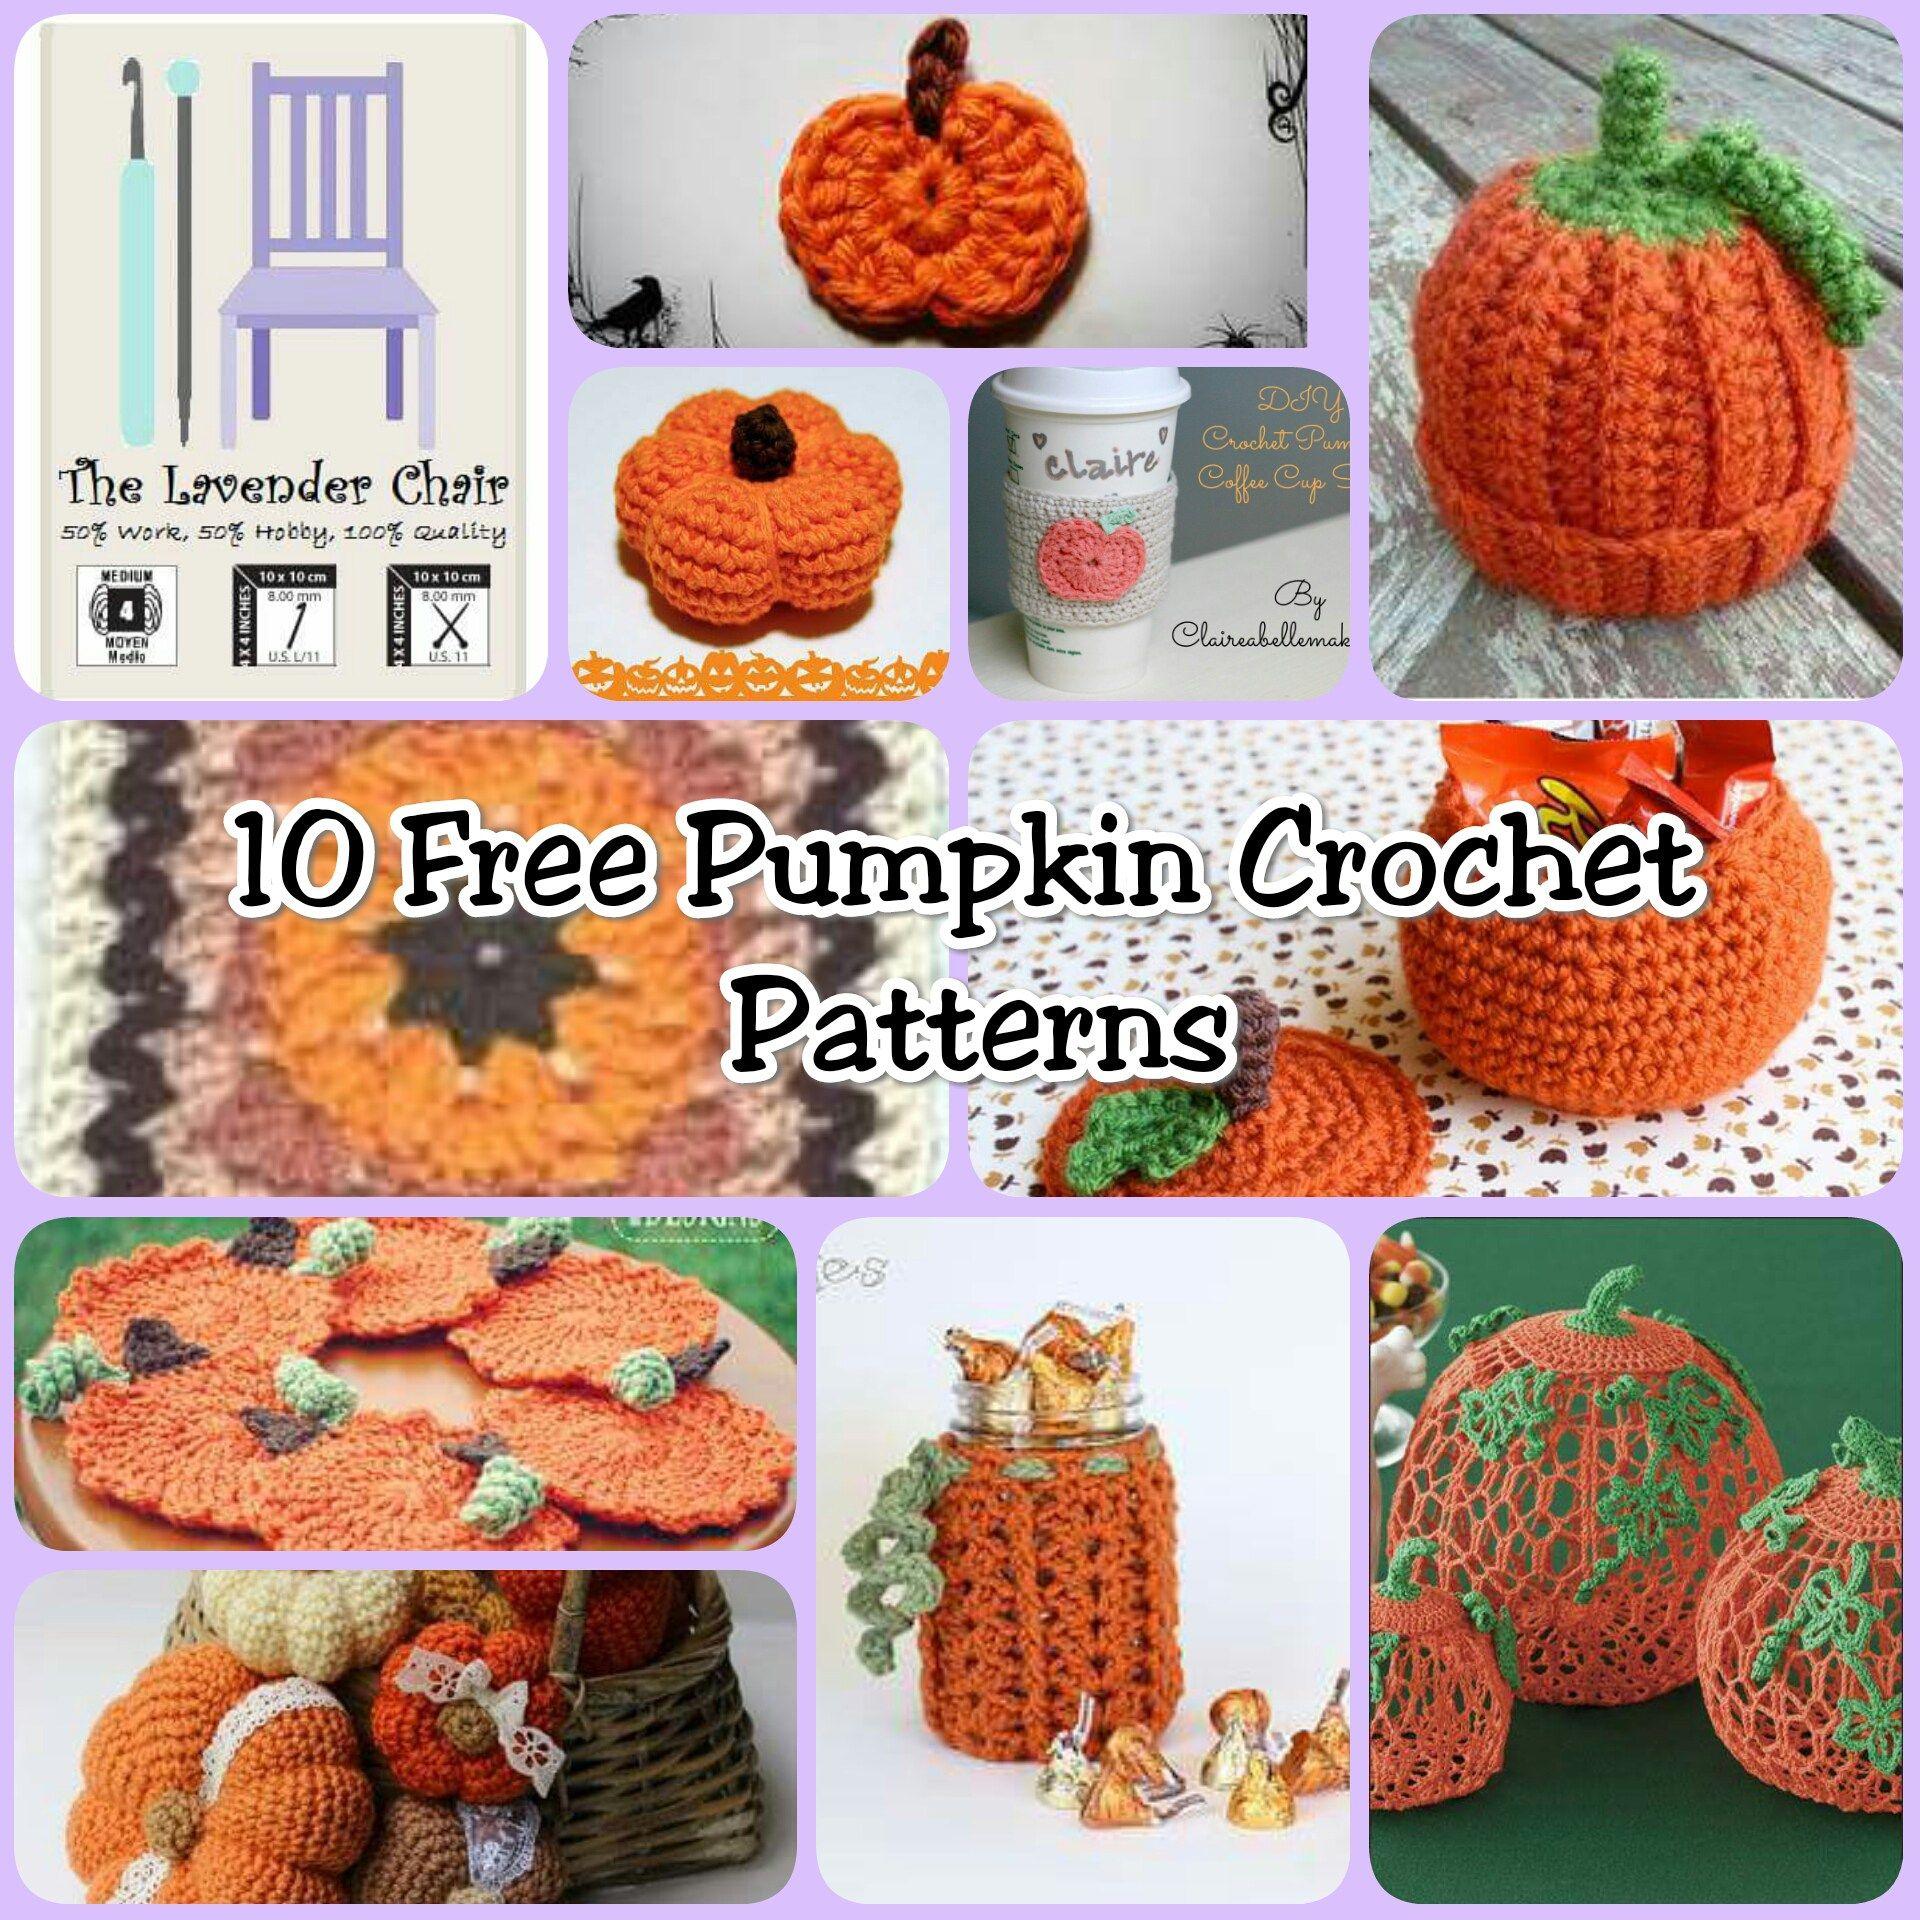 10 Free Pumpkin Crochet Patterns | Holidays | Pinterest